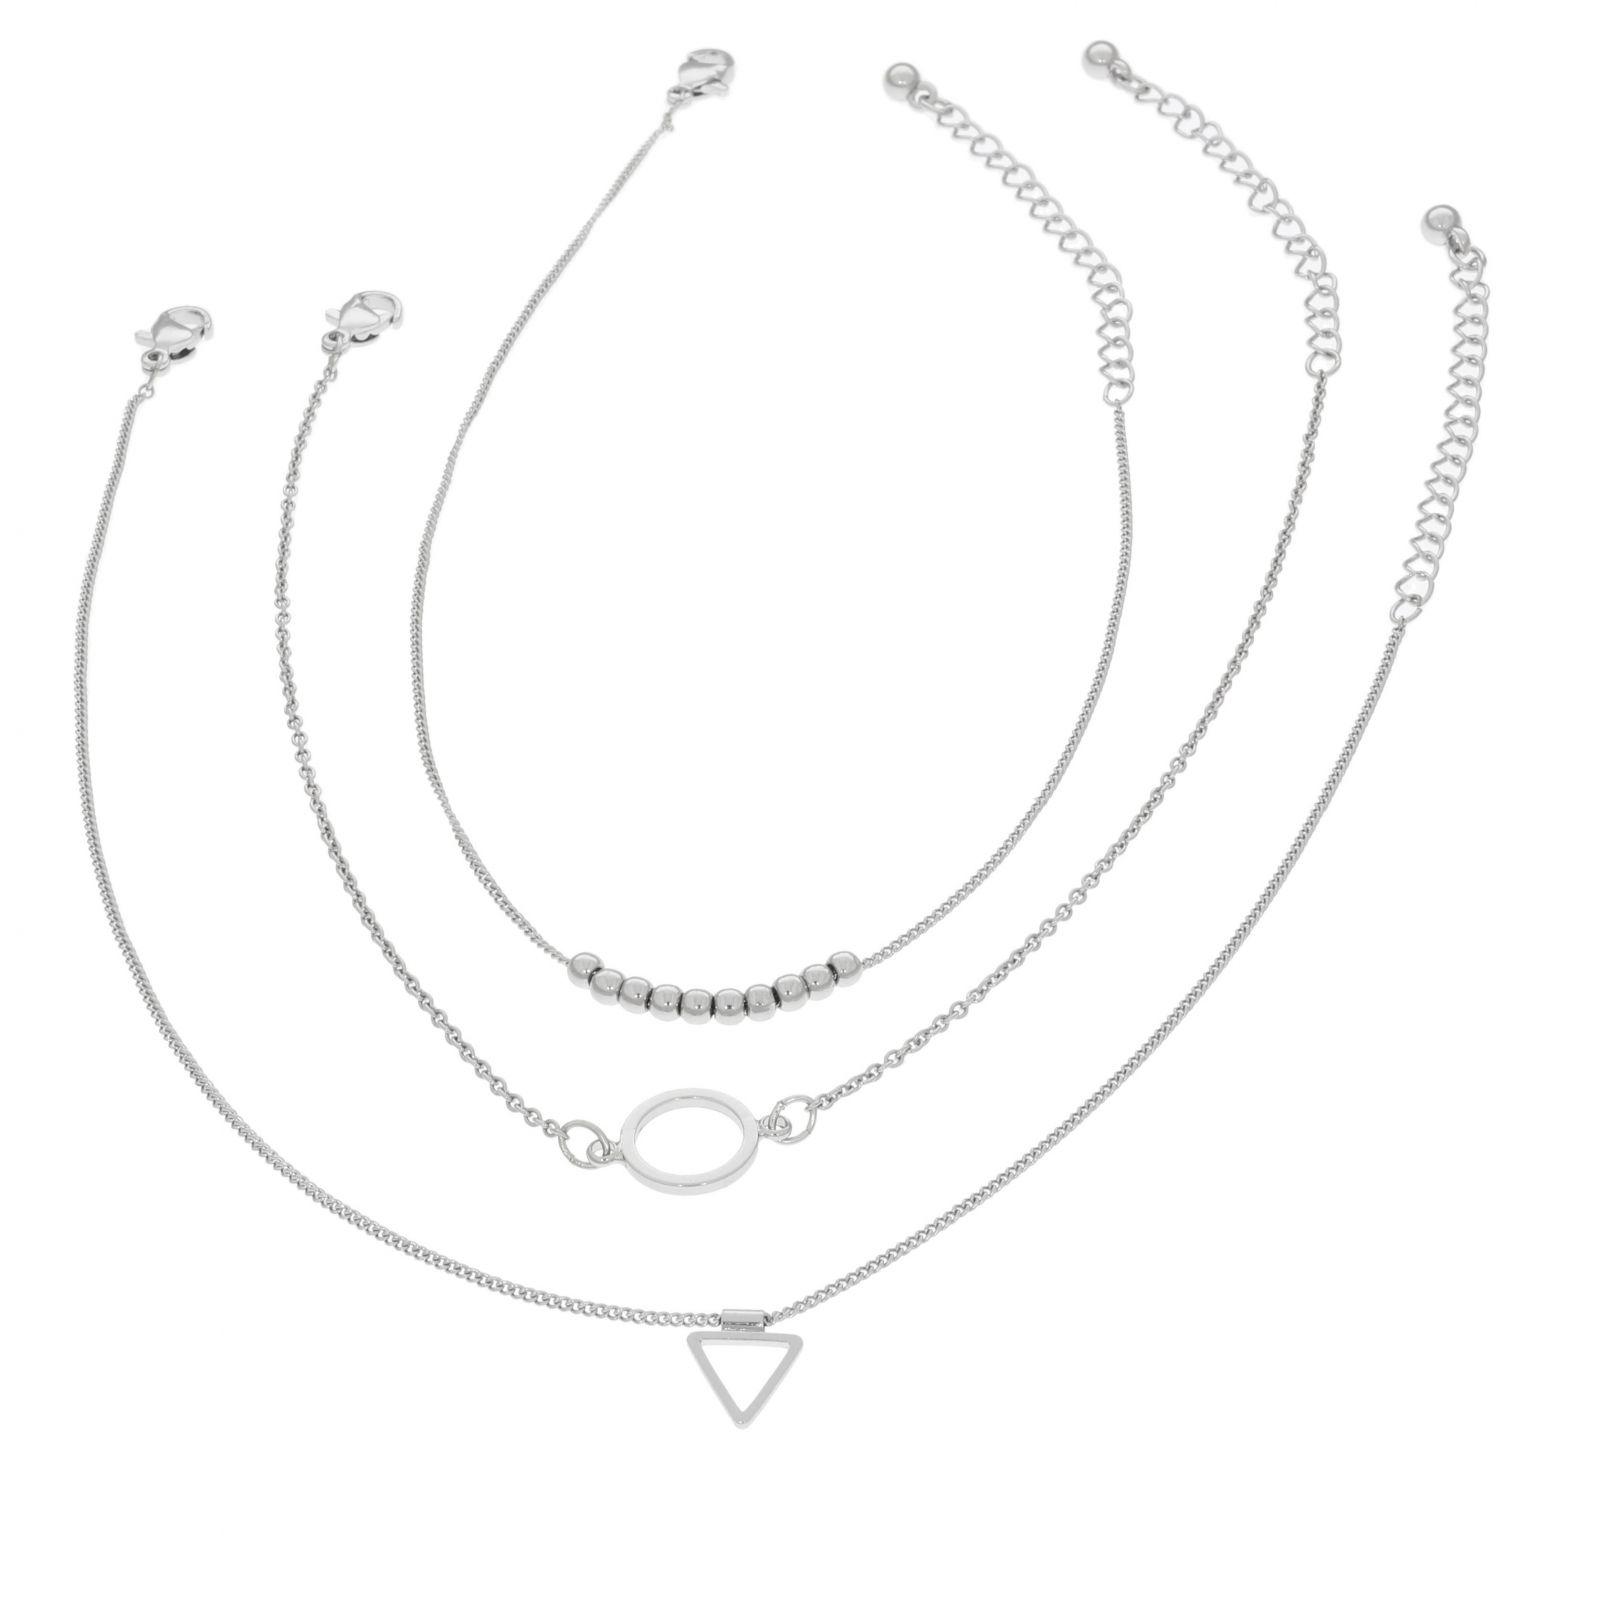 Trojice náramků na nohu s kruhem a trojúhelníkem